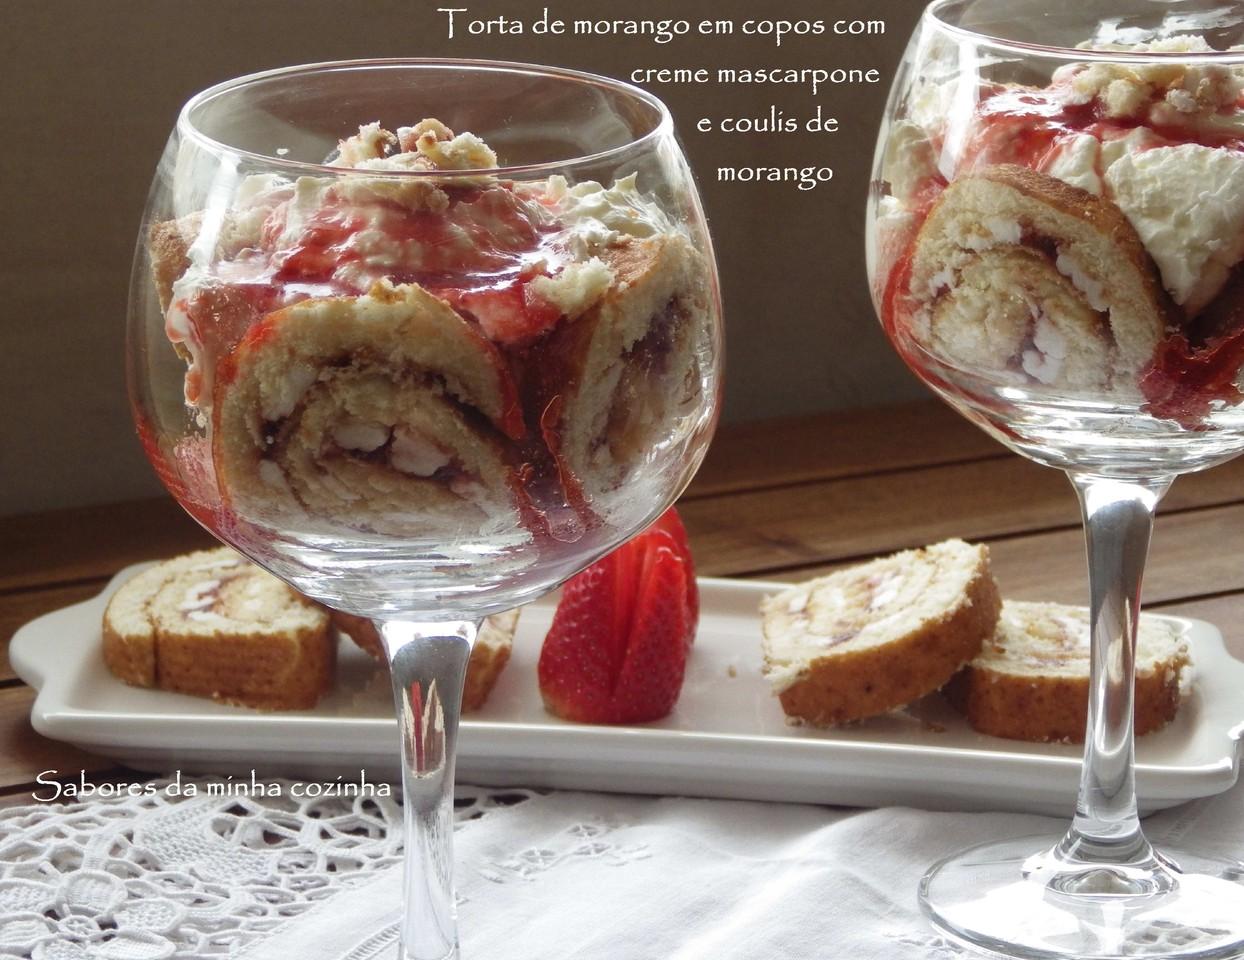 IMGP4317-Torta de morango em copos com creme masca